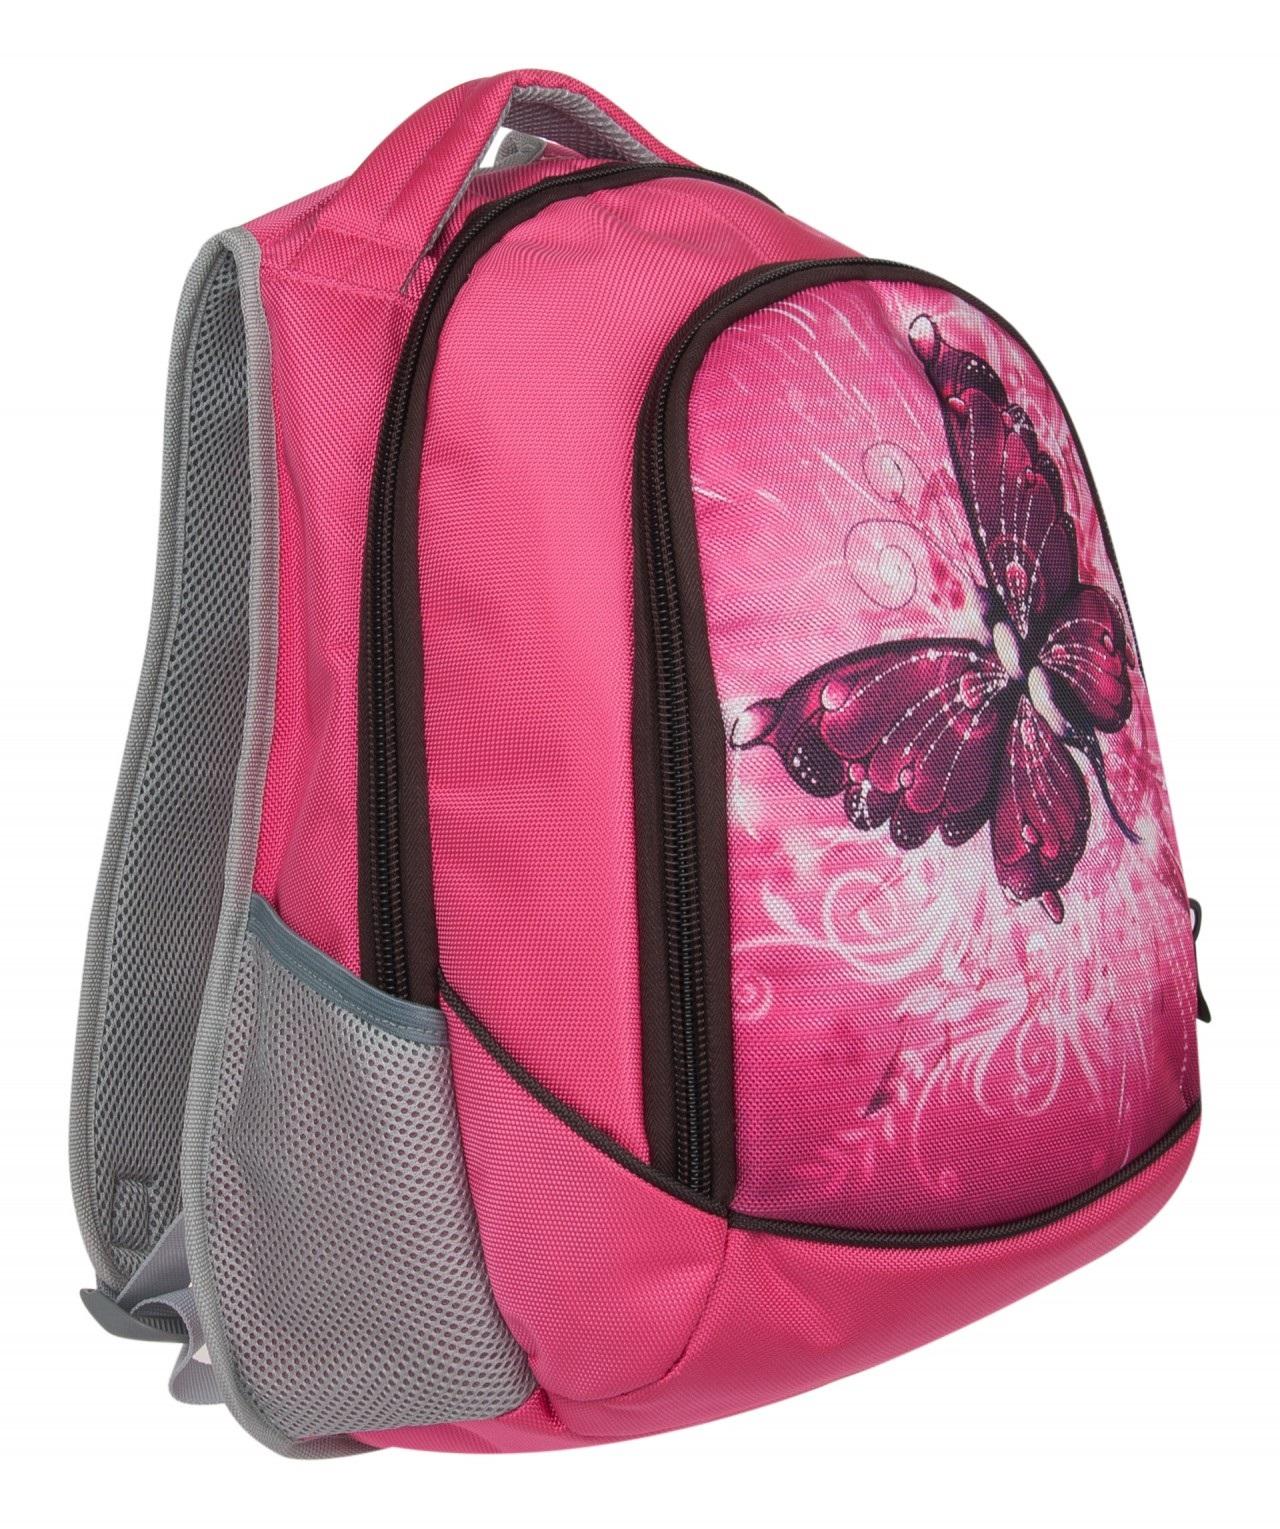 Рюкзак Alliance Бабочка полуортопедический розовый